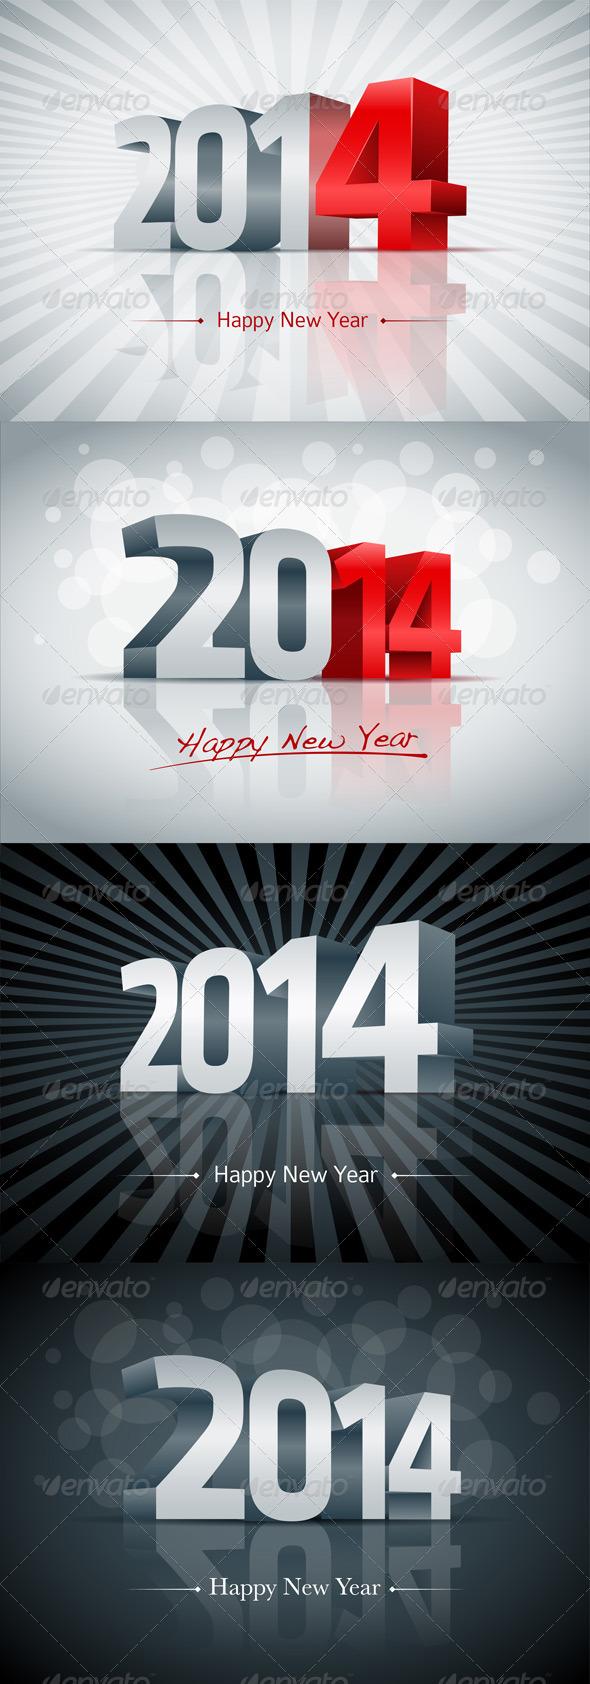 Year 2014 Greeting Card Set